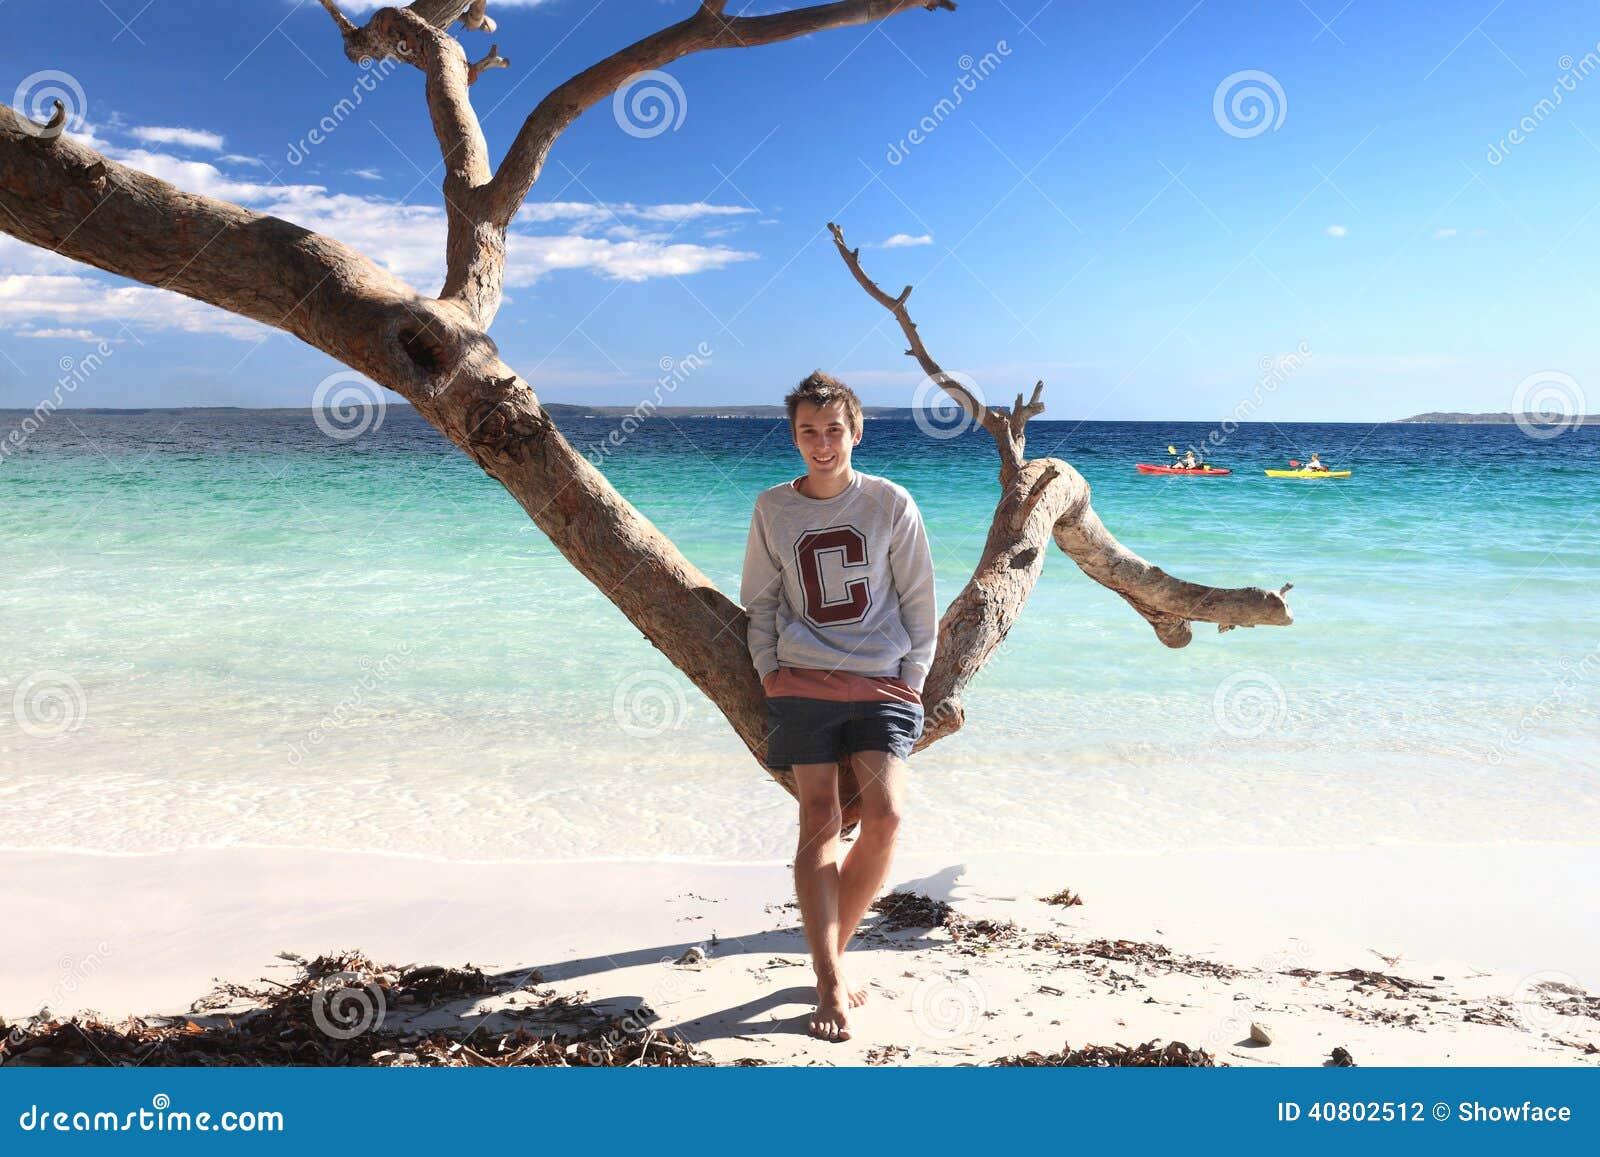 享受热带海滩休闲假期假日的青少年的男孩